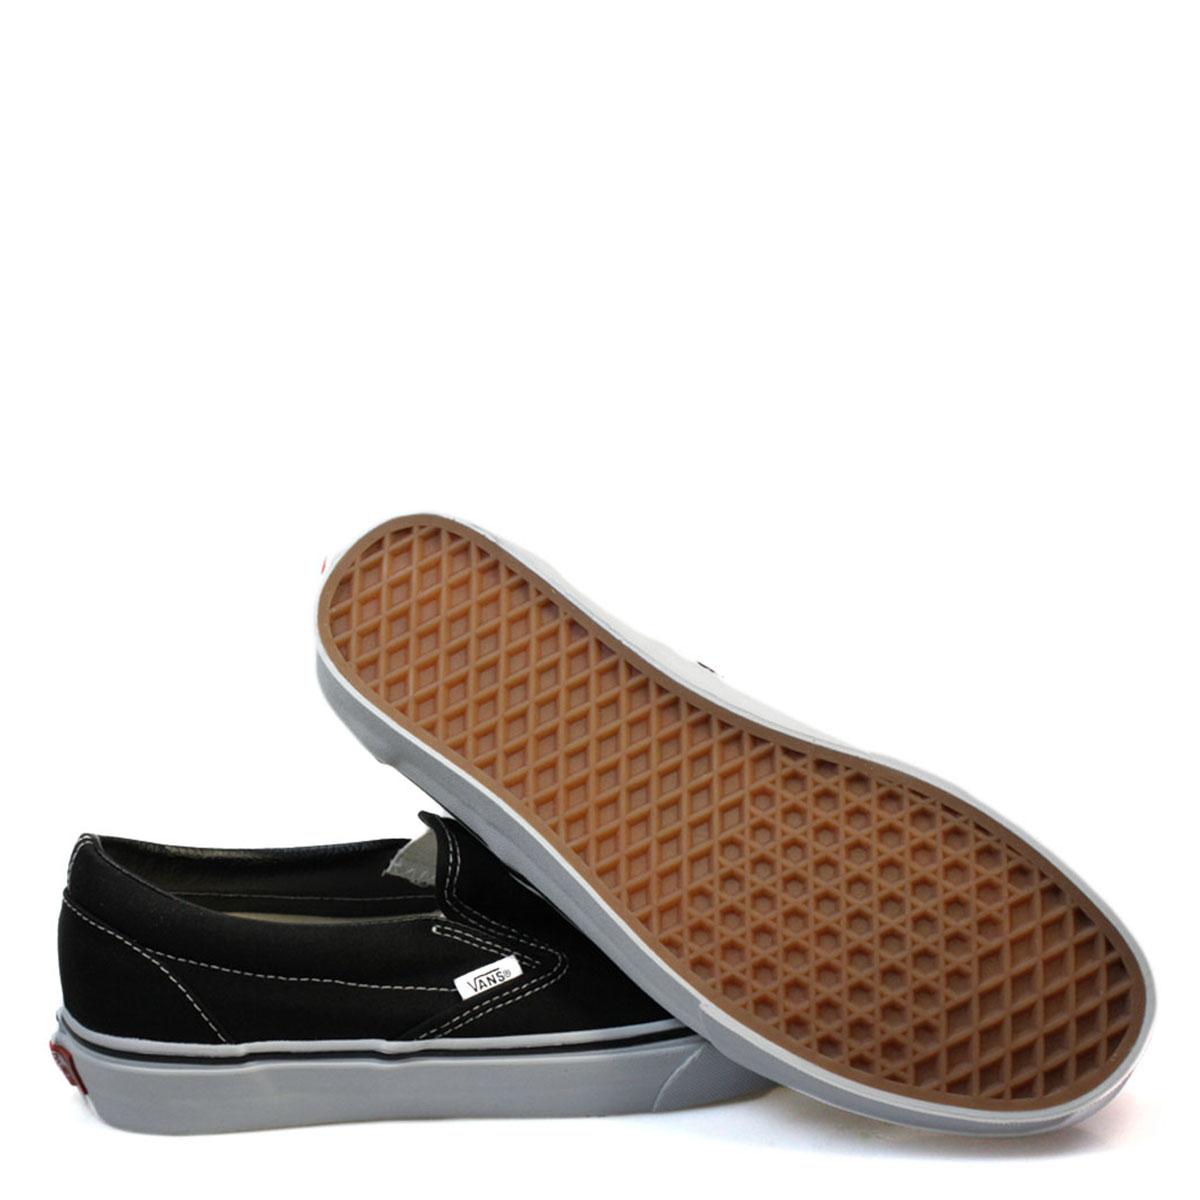 8e9636c1fd Vans-Classic-Unisex-Skate-Trainers-Black-Slip-On-